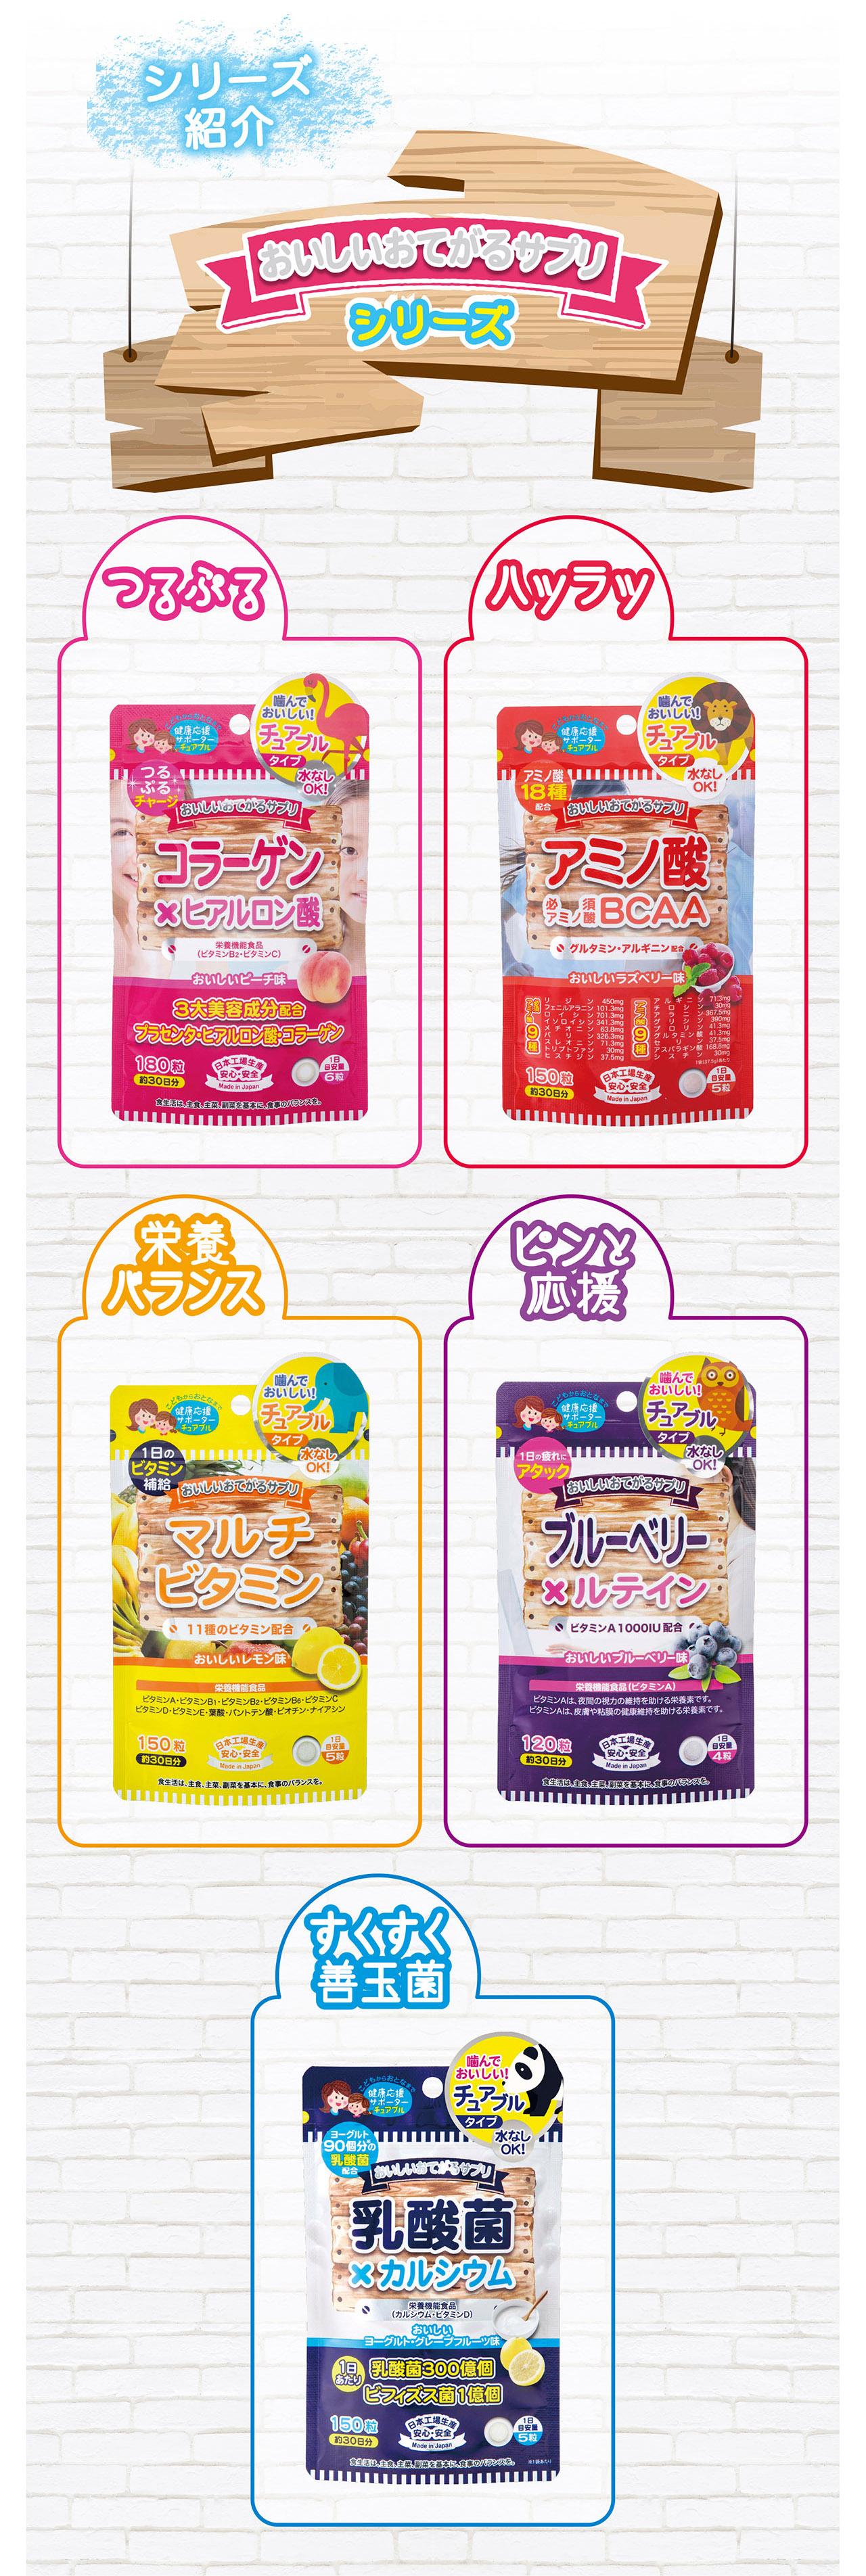 シリーズ紹介 つるぷる ハツラツ 栄養バランス ピンと応援 すくすく善玉菌